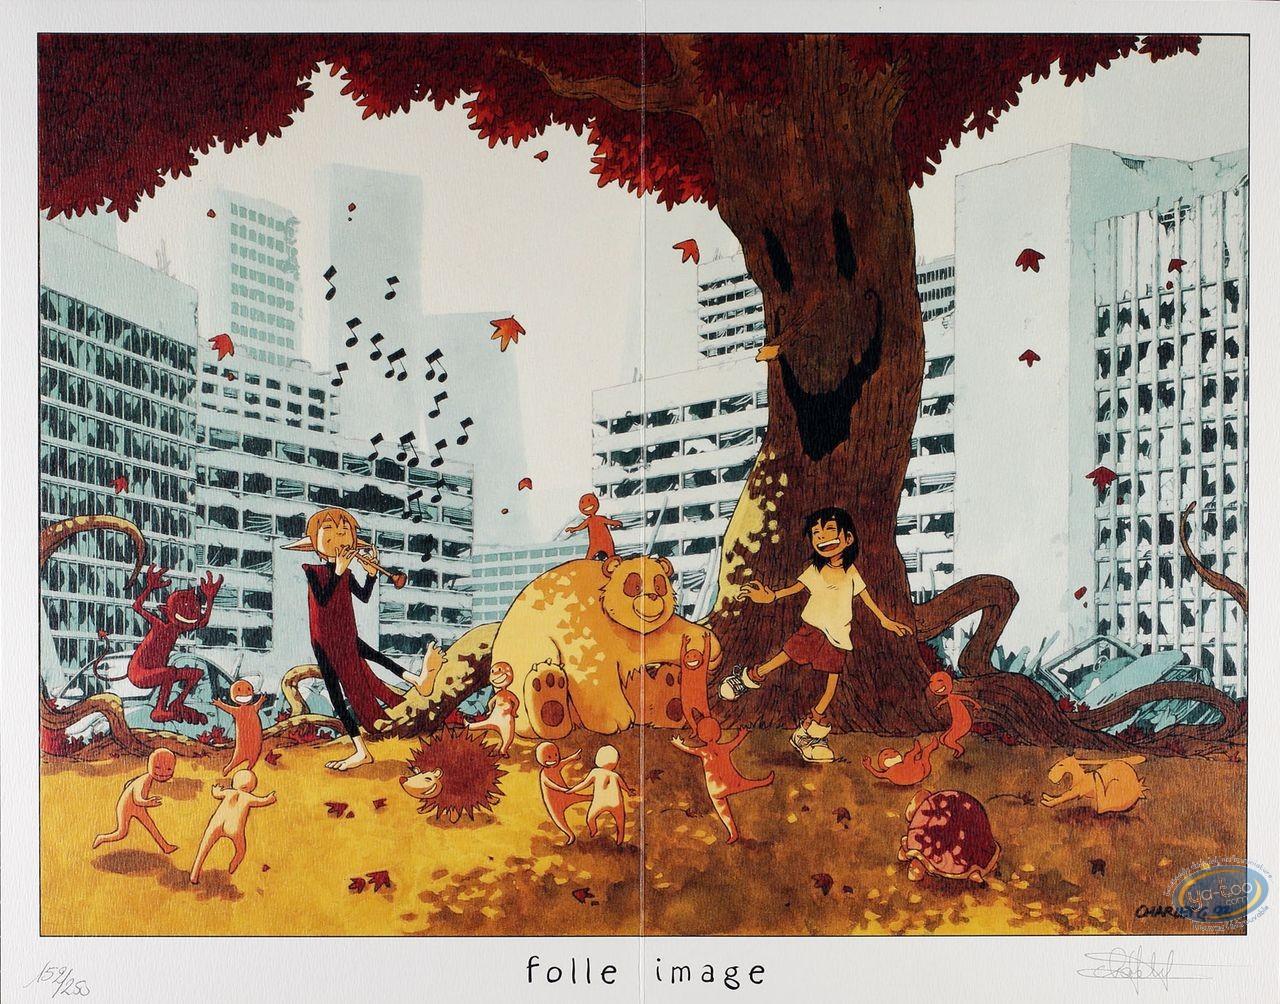 Ex-libris Offset, Kabbale : Enfants jouant